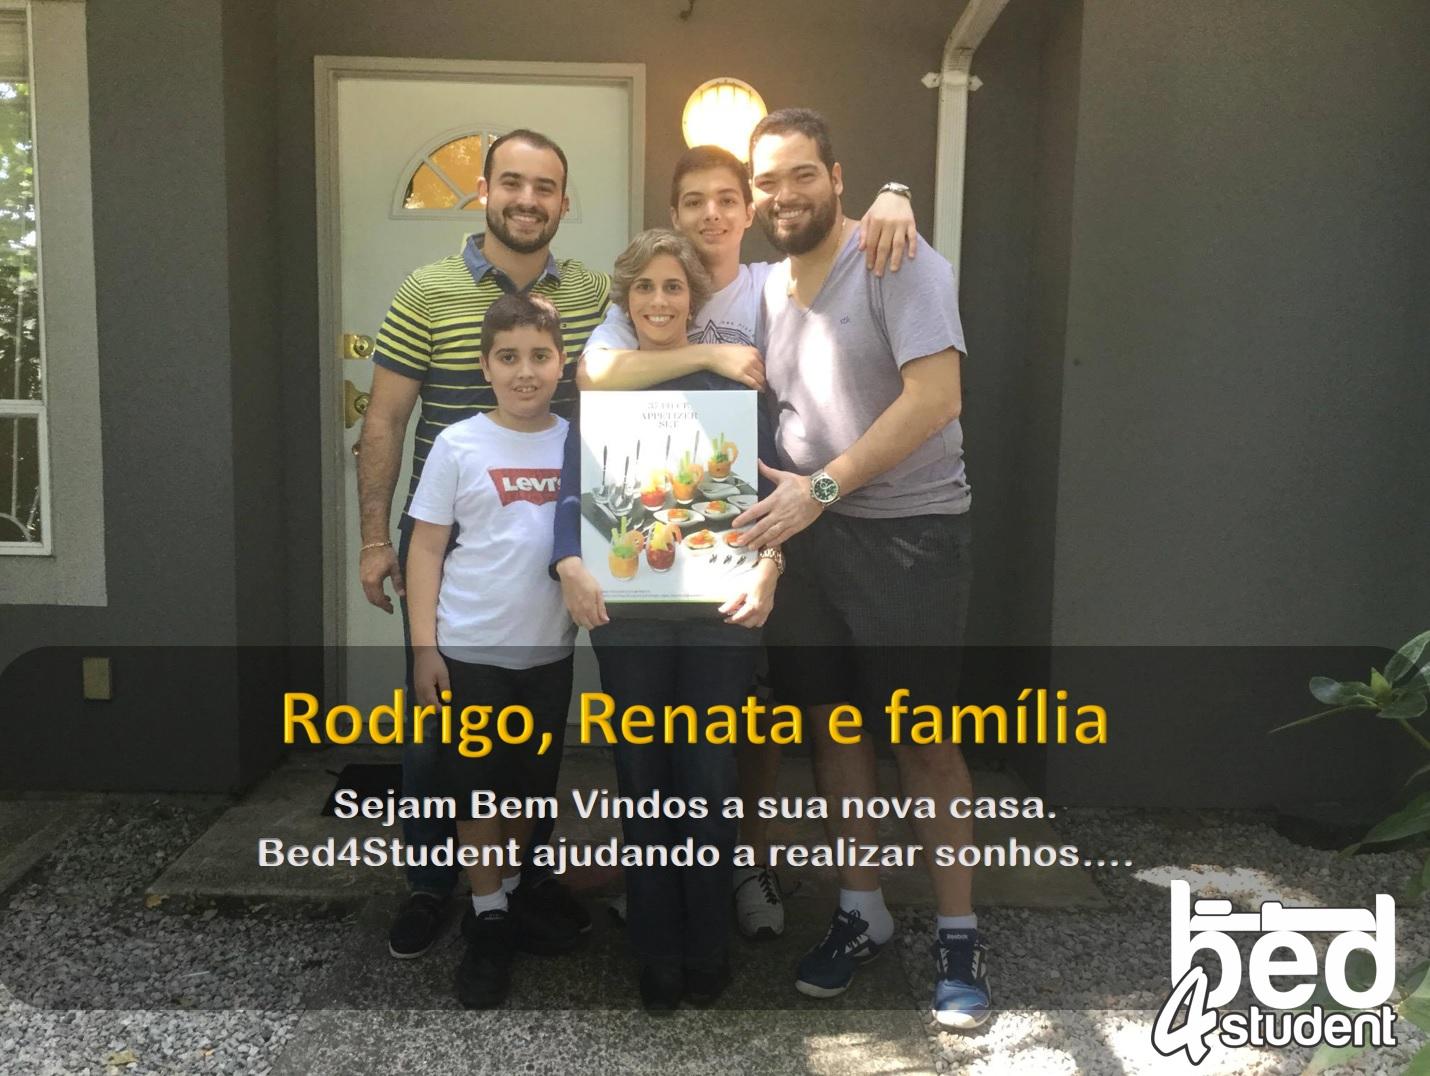 Rodrigo, Renata e familia